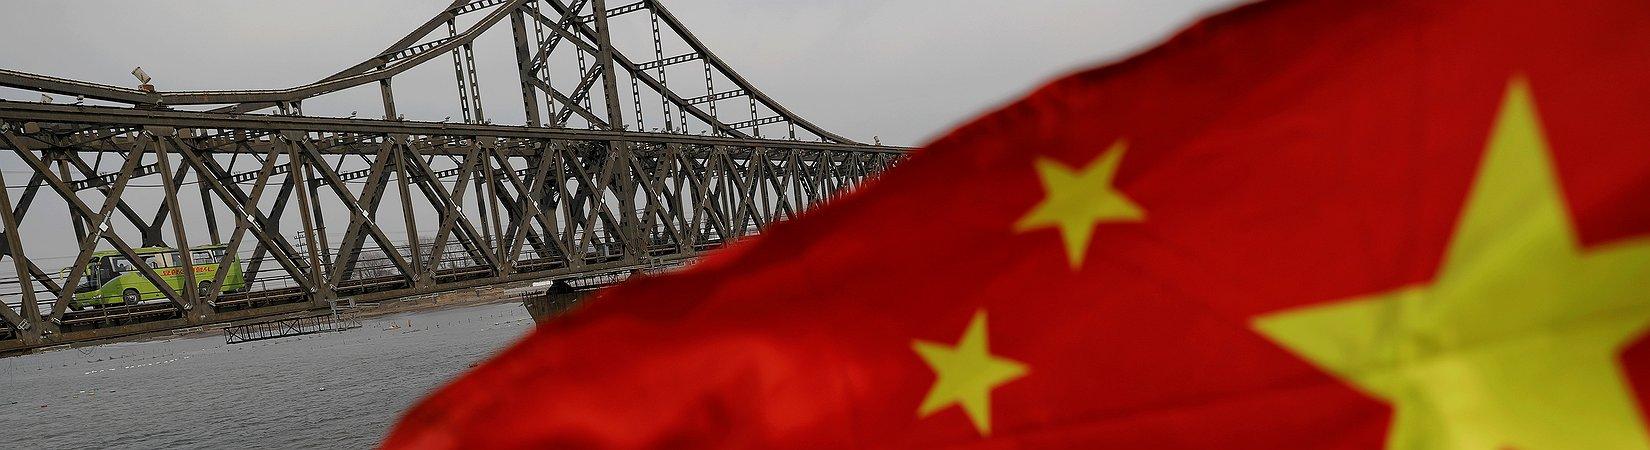 El crecimiento del PIB de China bate un nuevo récord